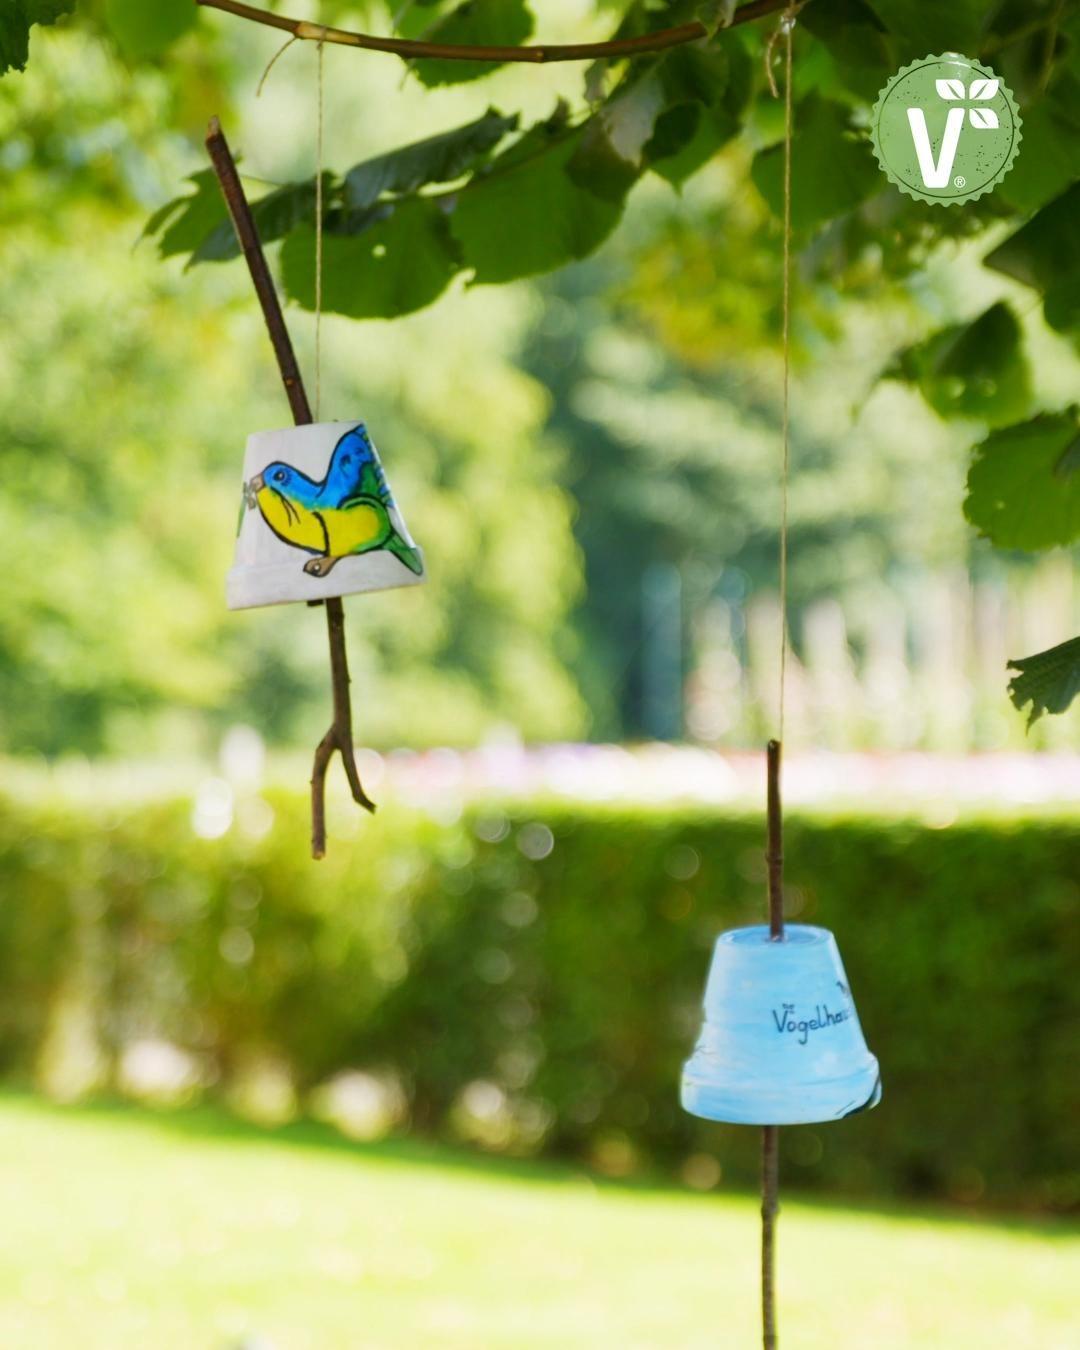 DIY-Idee Futterspender: Vogelfutter im Blumentopf selber machen – Volmary QuickTipps